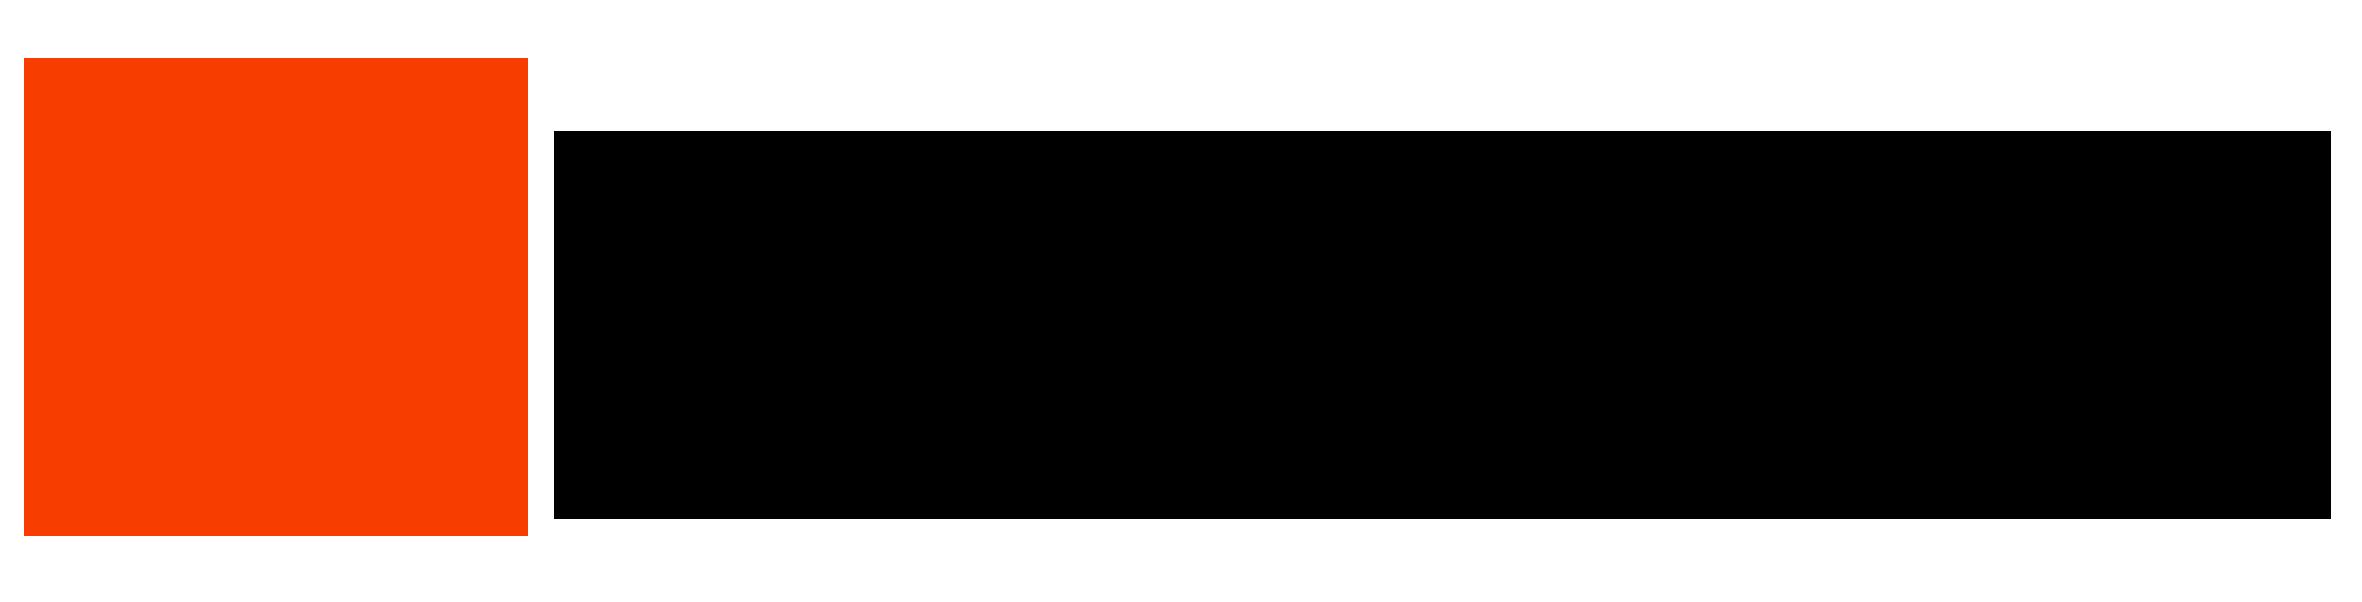 horizental-danian-logo